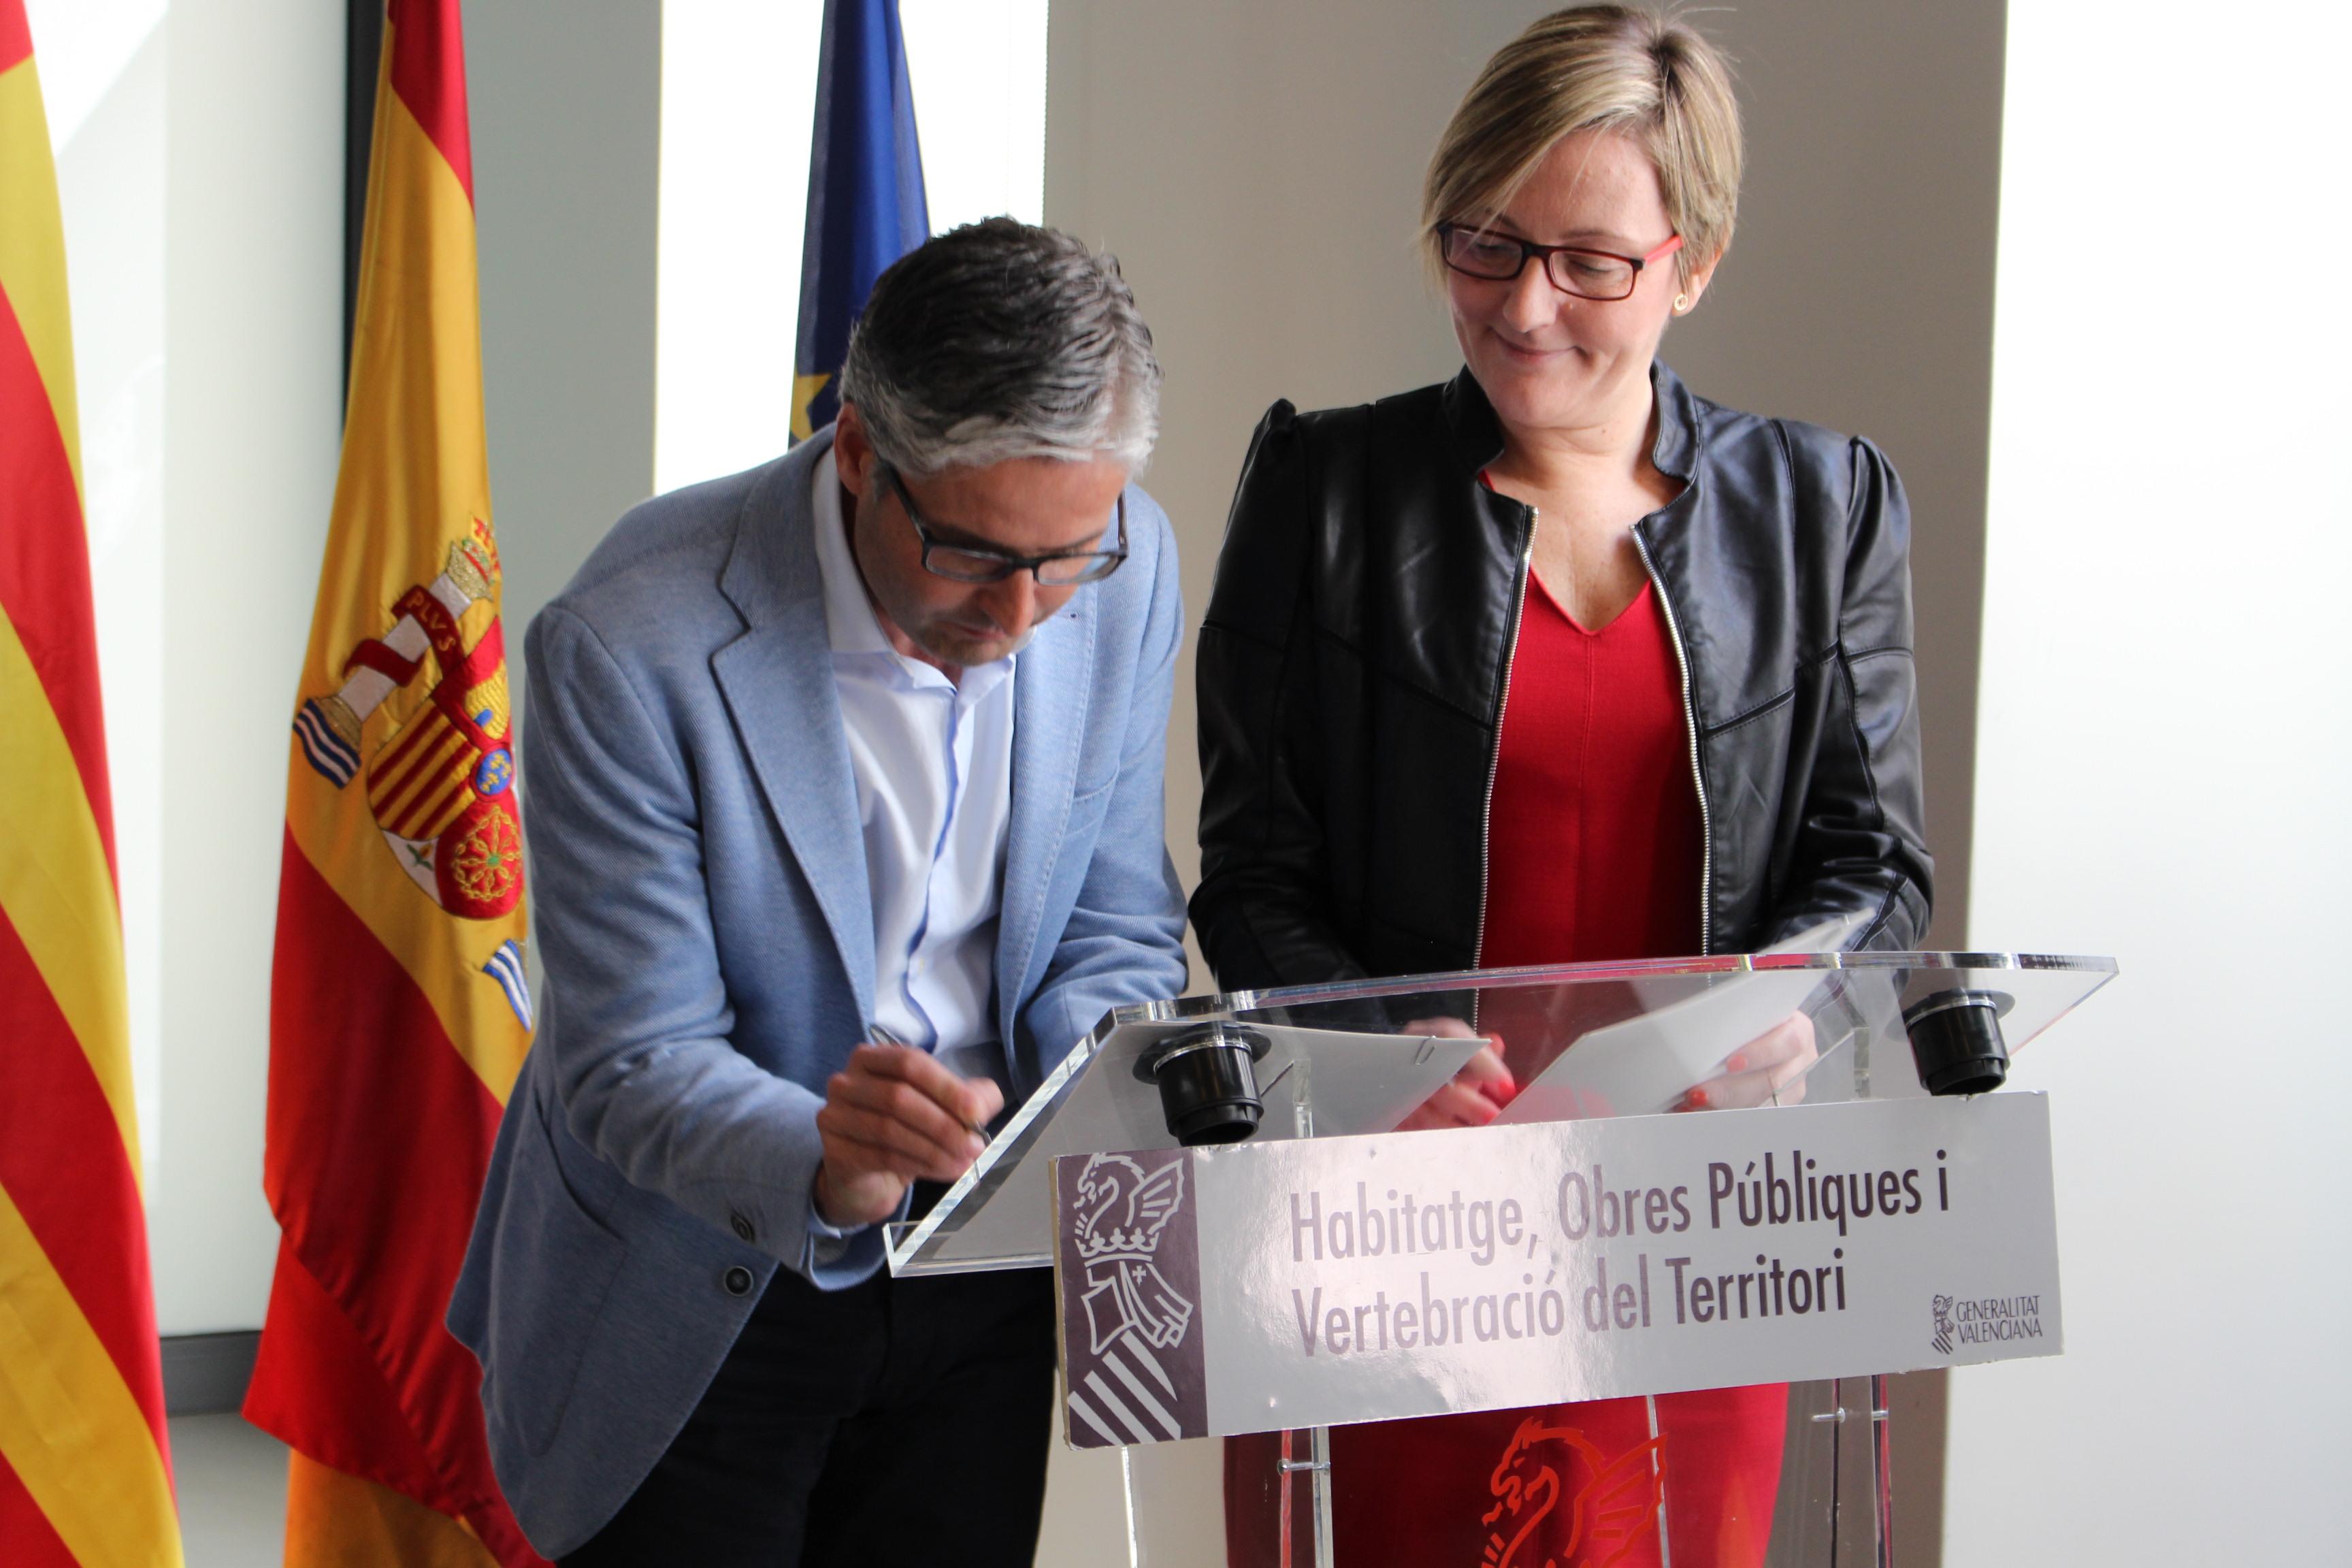 El nuevo convenio firmado entre la Entidad de Infraestructuras de la Generalitat y el Ayuntamiento de Vilamarxant formaliza la distribución de viviendas protegidas en régimen de arrendamiento.